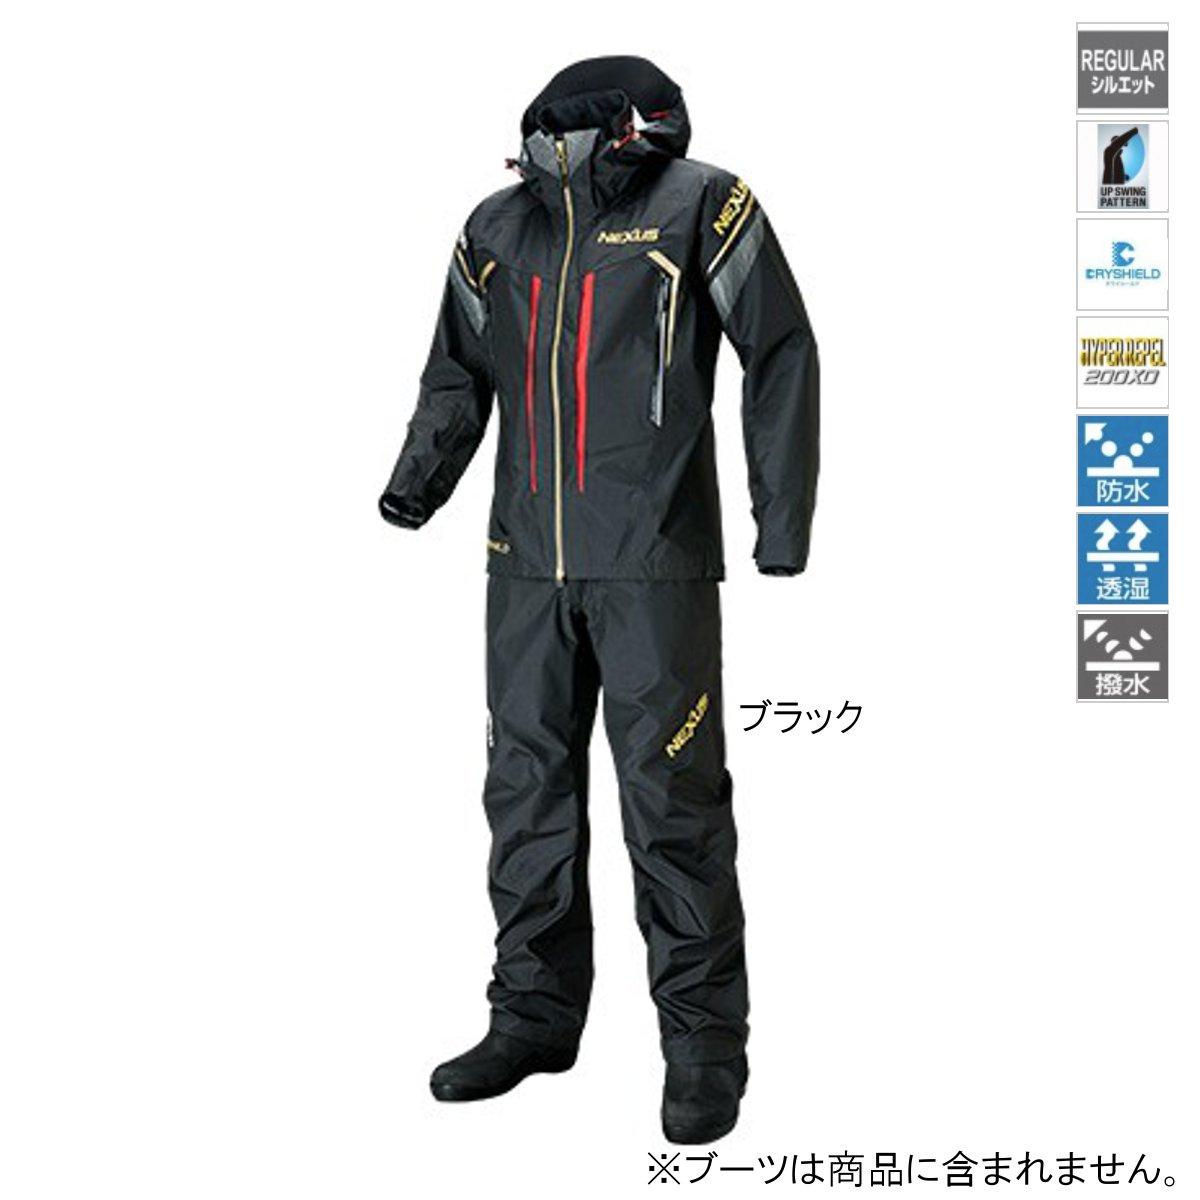 シマノ NEXUS・DS タフレインスーツ RA-124S XL ブラック(東日本店)